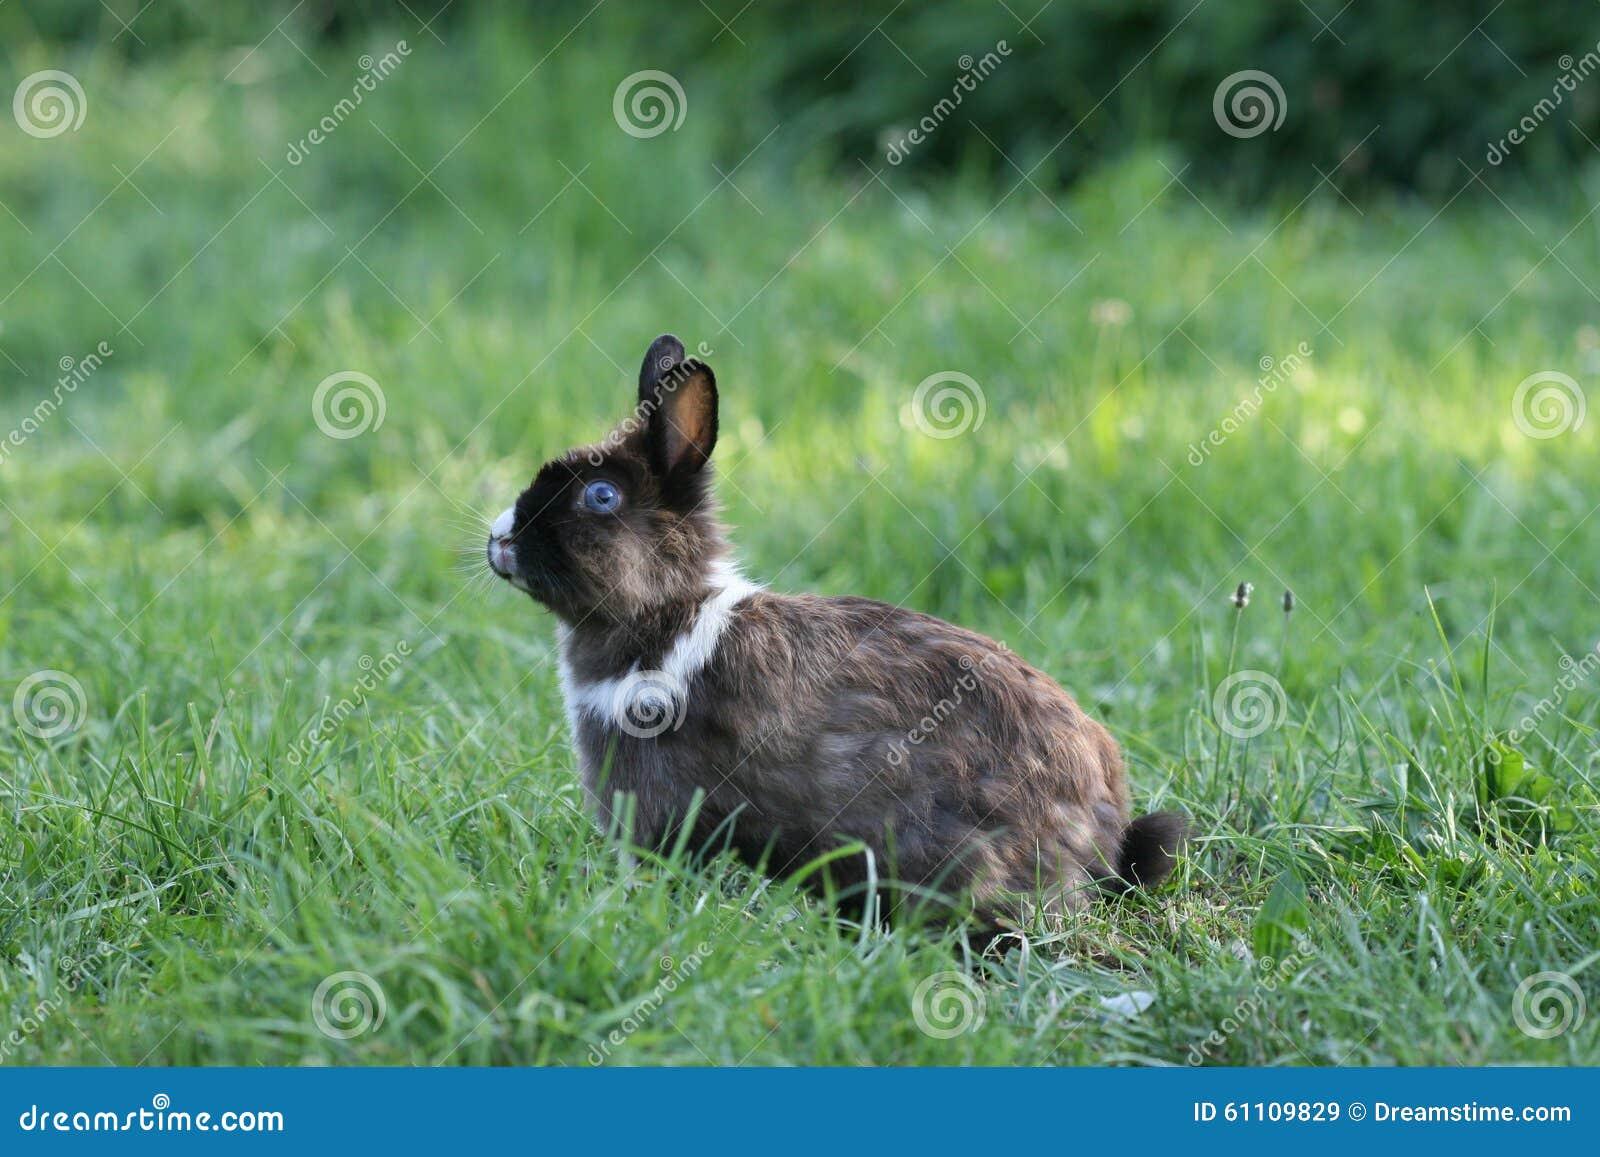 兔子驱花蚊子用什么好图片